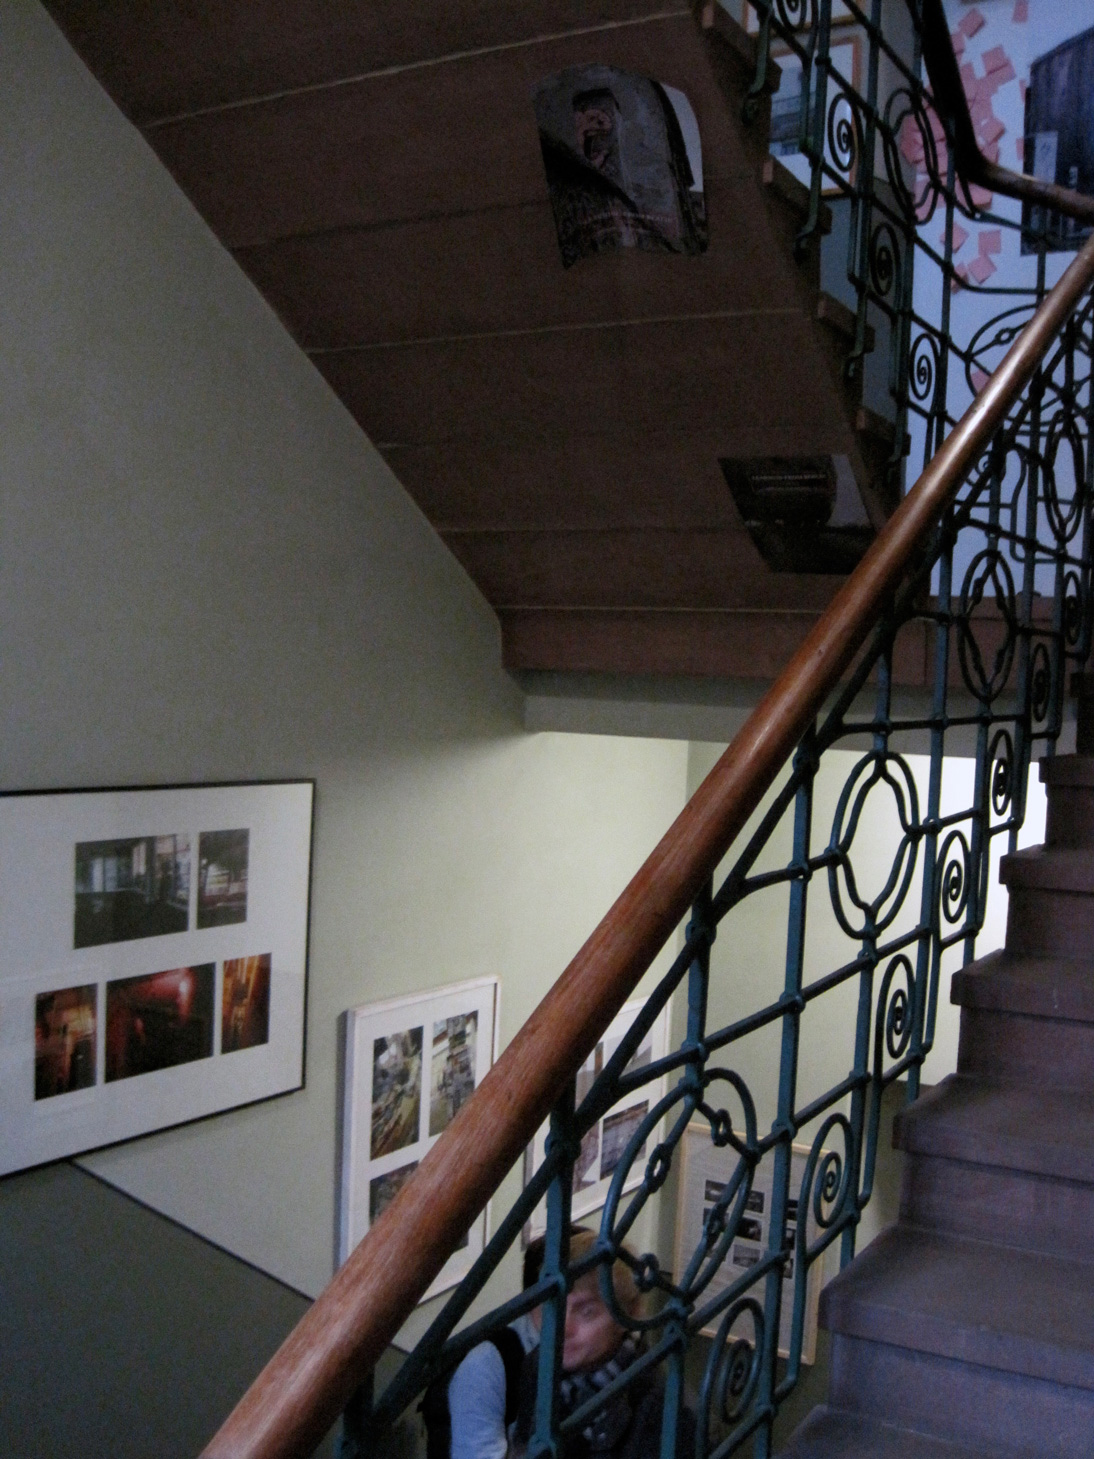 Urban-Manegold-Learning-from-Berlin-Design-Prozess-Magazin-Ausstellung-Plakat-SocialStudies-Gentrifikation-LFB_off_4